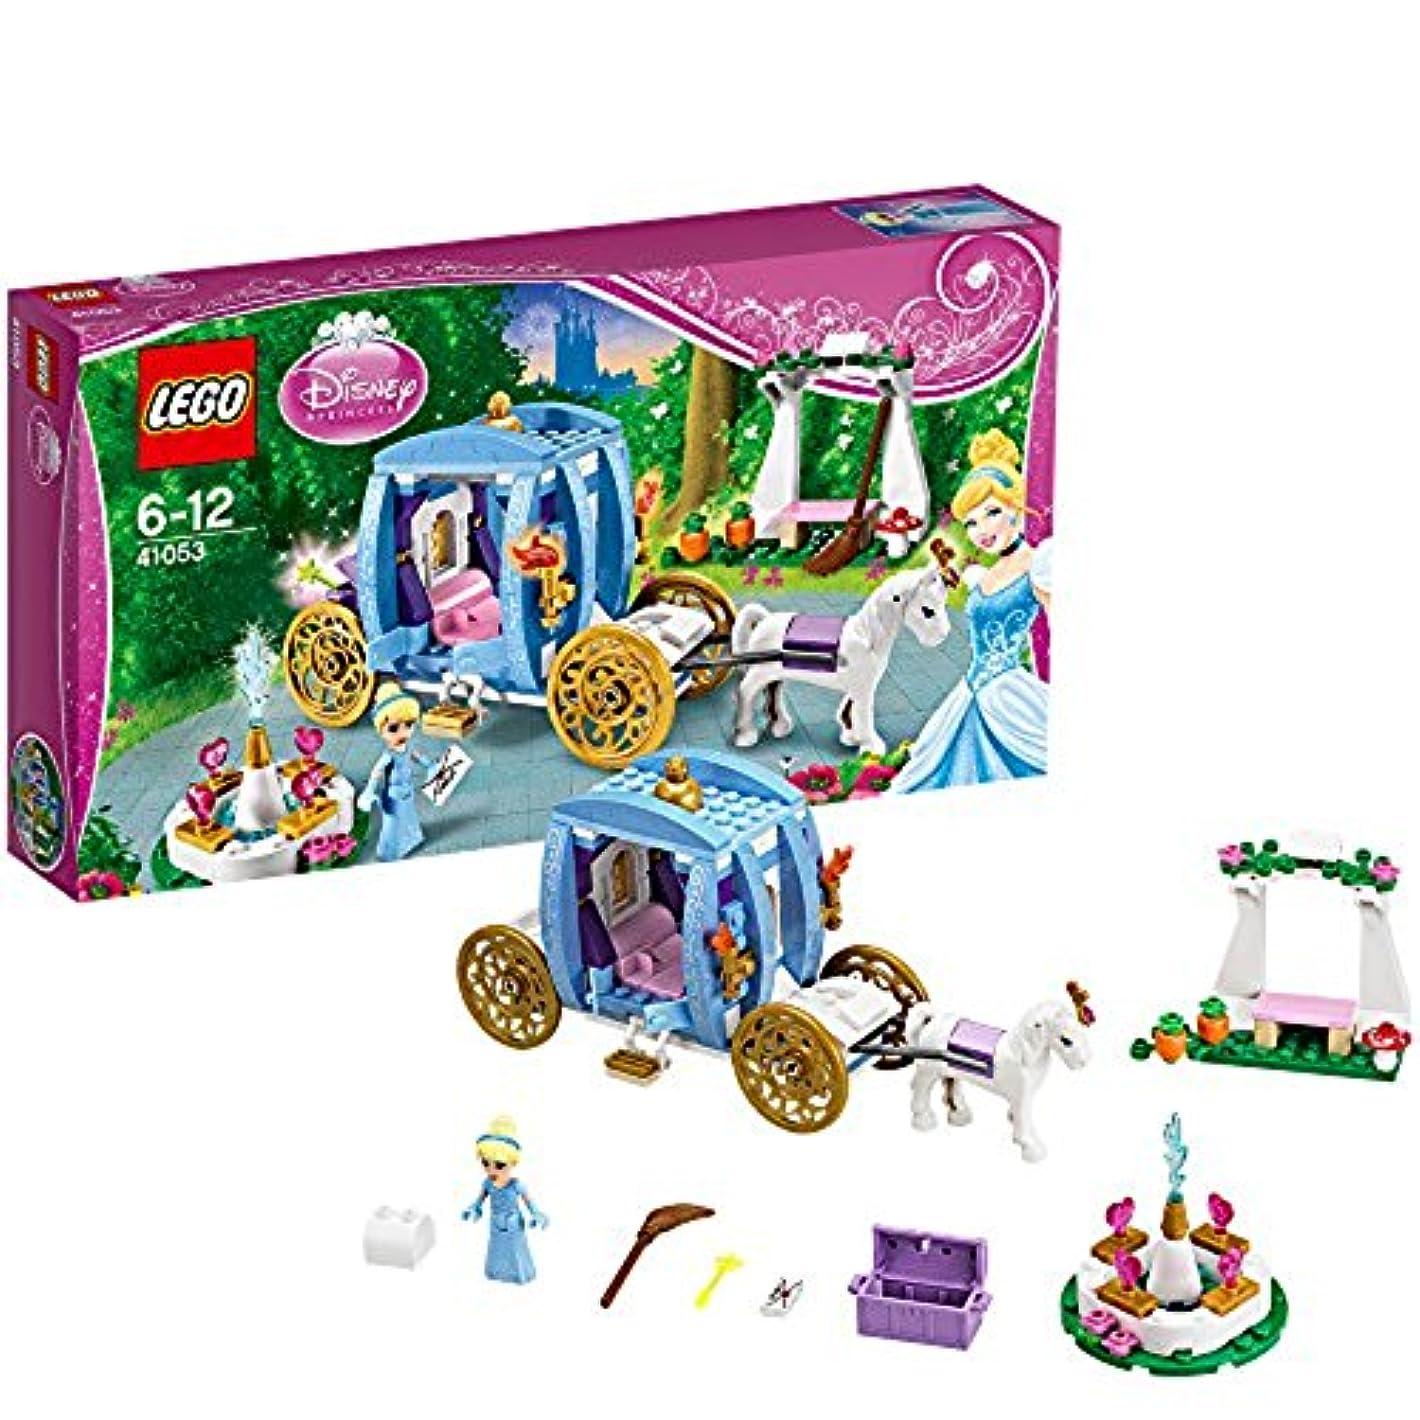 ポーズ豊富生き残りますレゴ (LEGO) ディズニープリンセス シンデレラのまほうの馬車 41053